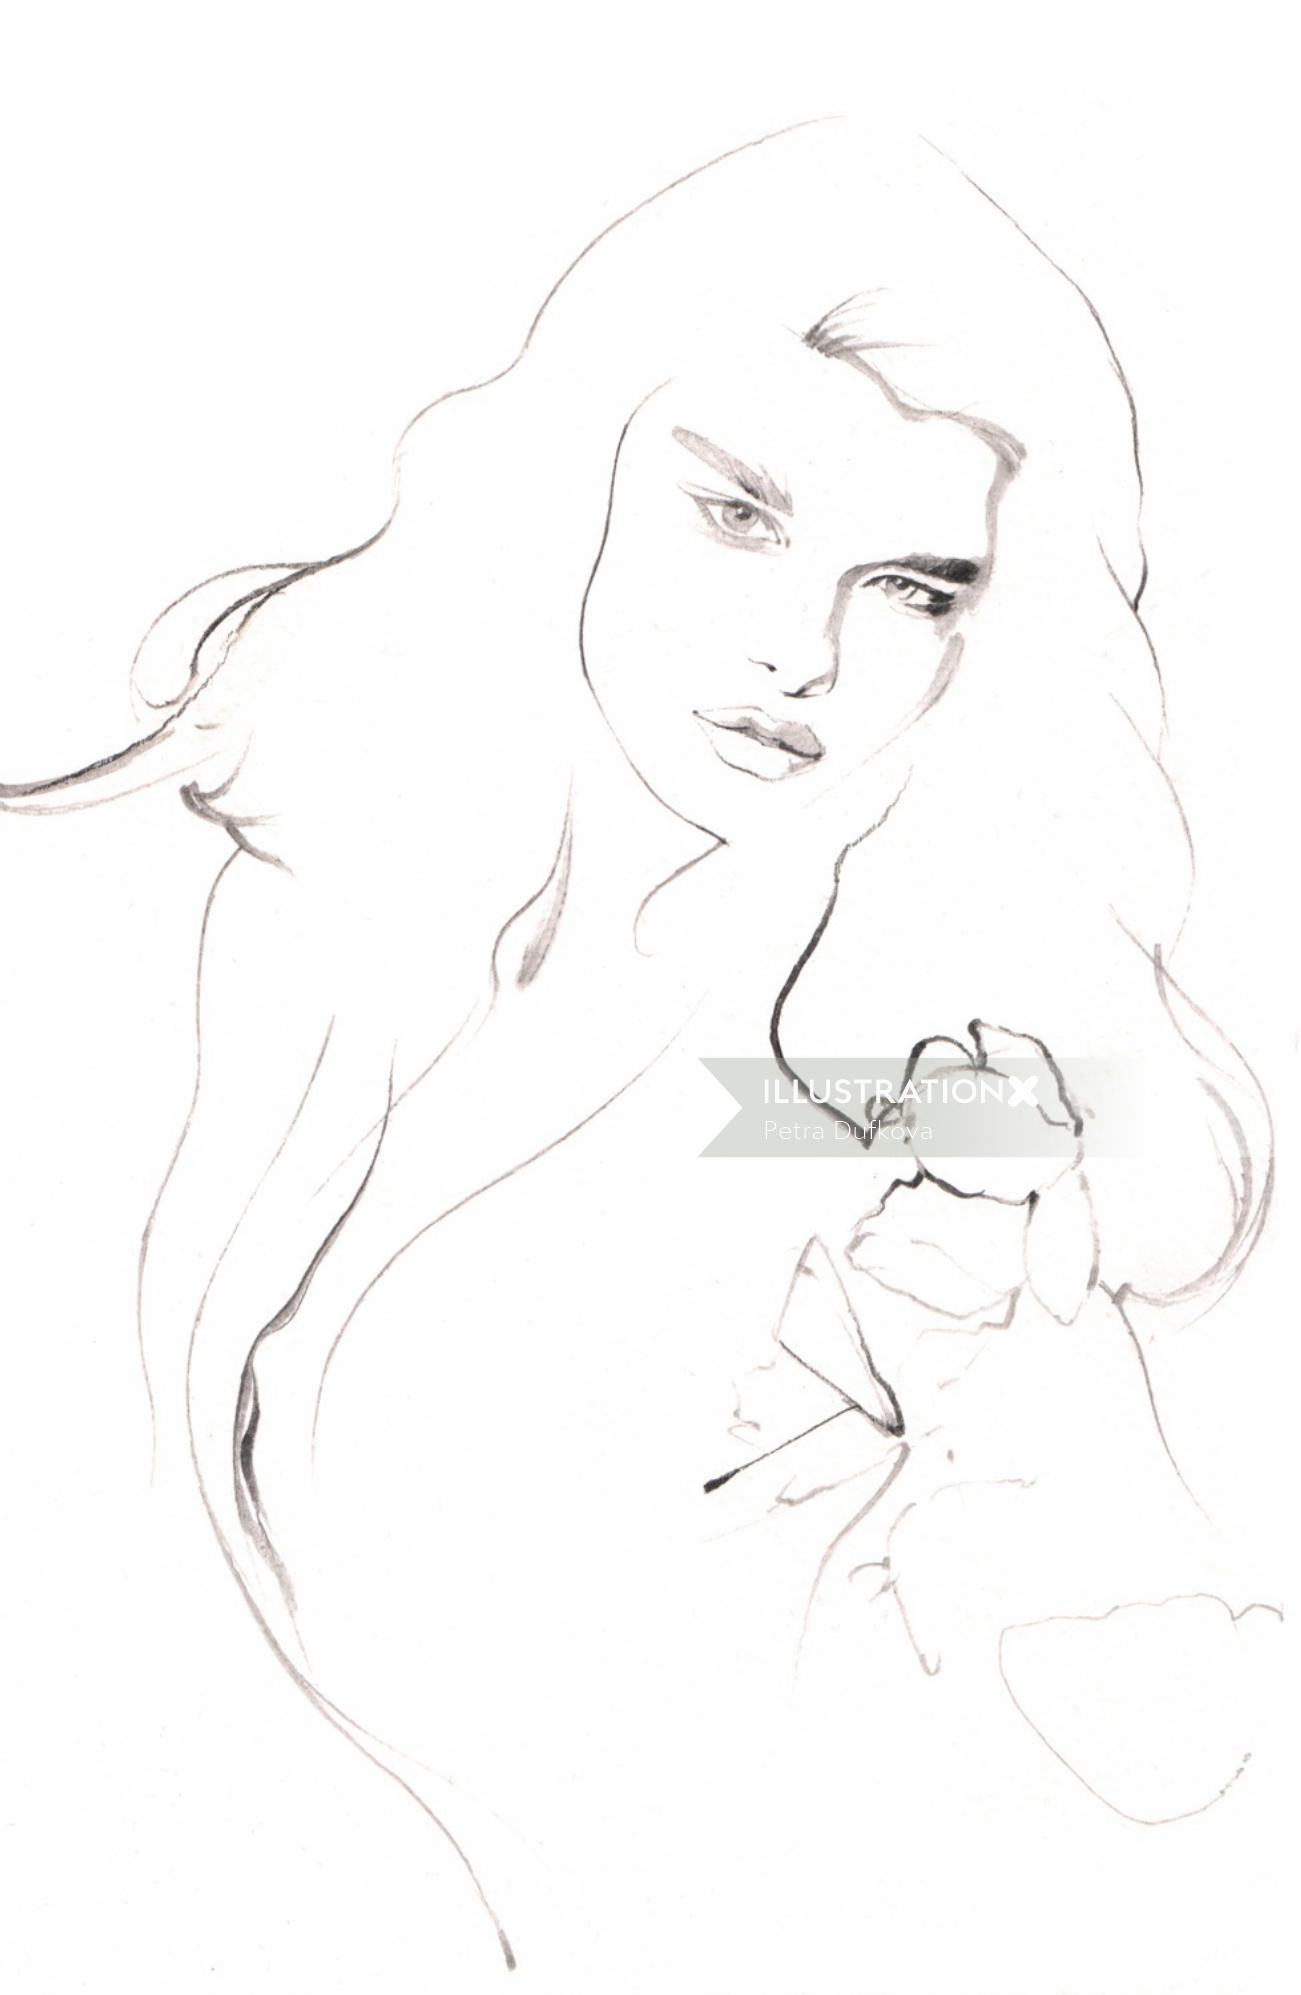 Line illustration of female model